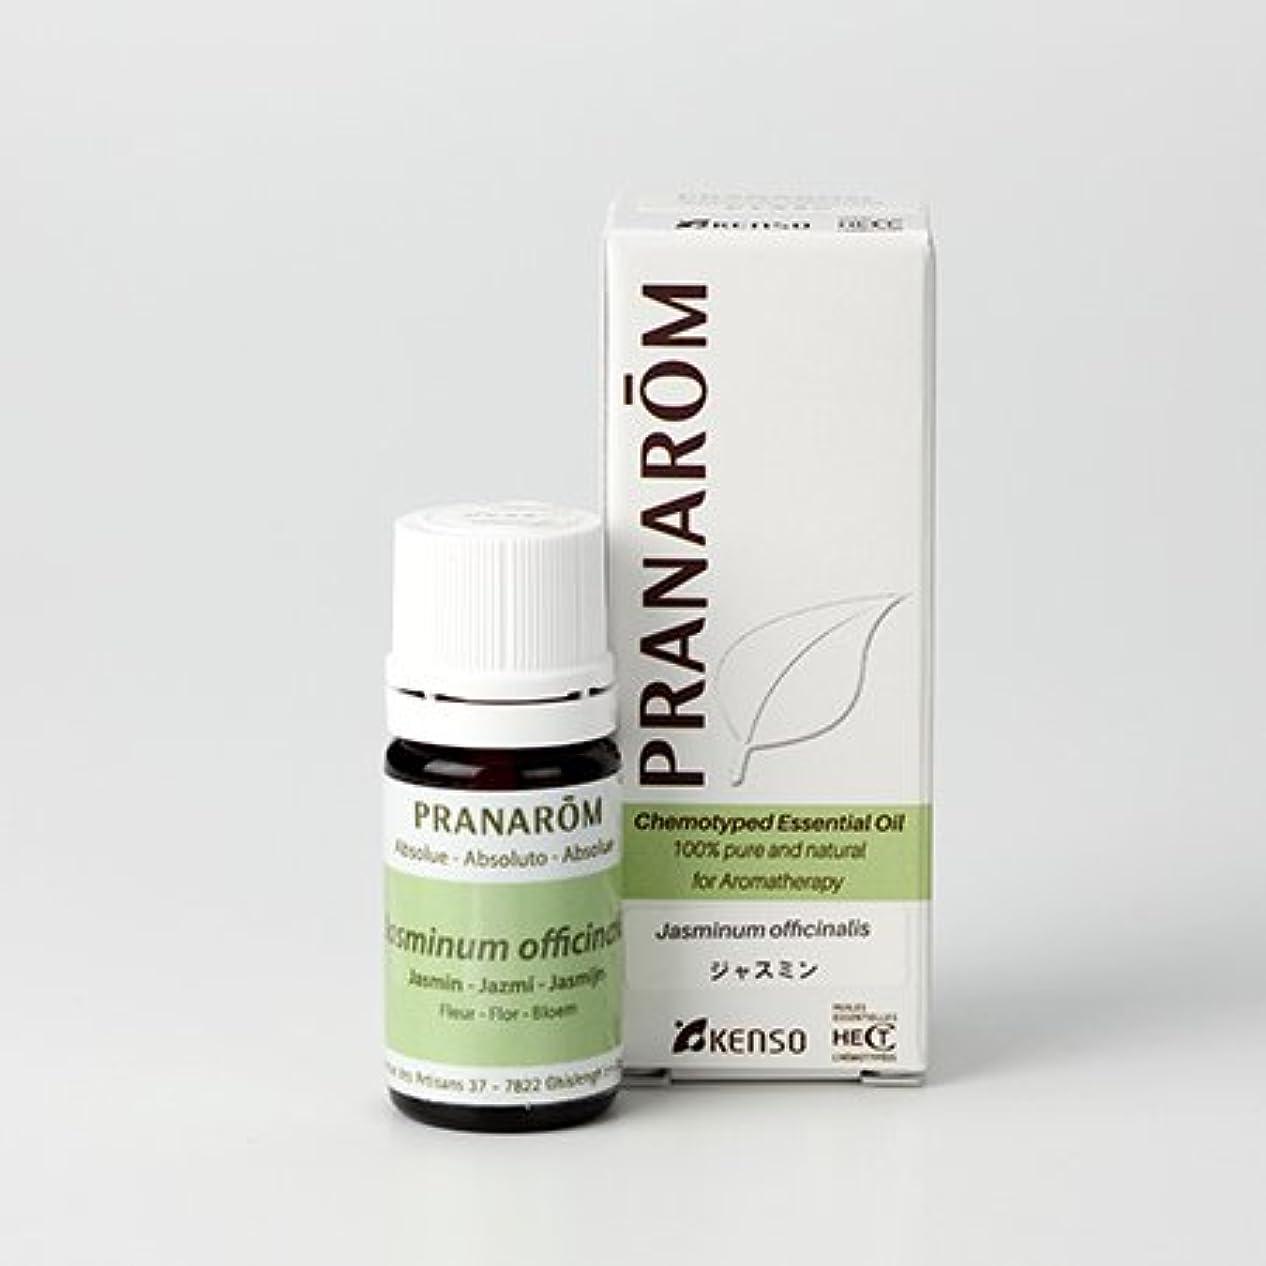 保全医薬品リダクター【ジャスミン 5ml】→優雅で甘美な香り?(フローラル系)[PRANAROM(プラナロム)精油/アロマオイル/エッセンシャルオイル]P-93